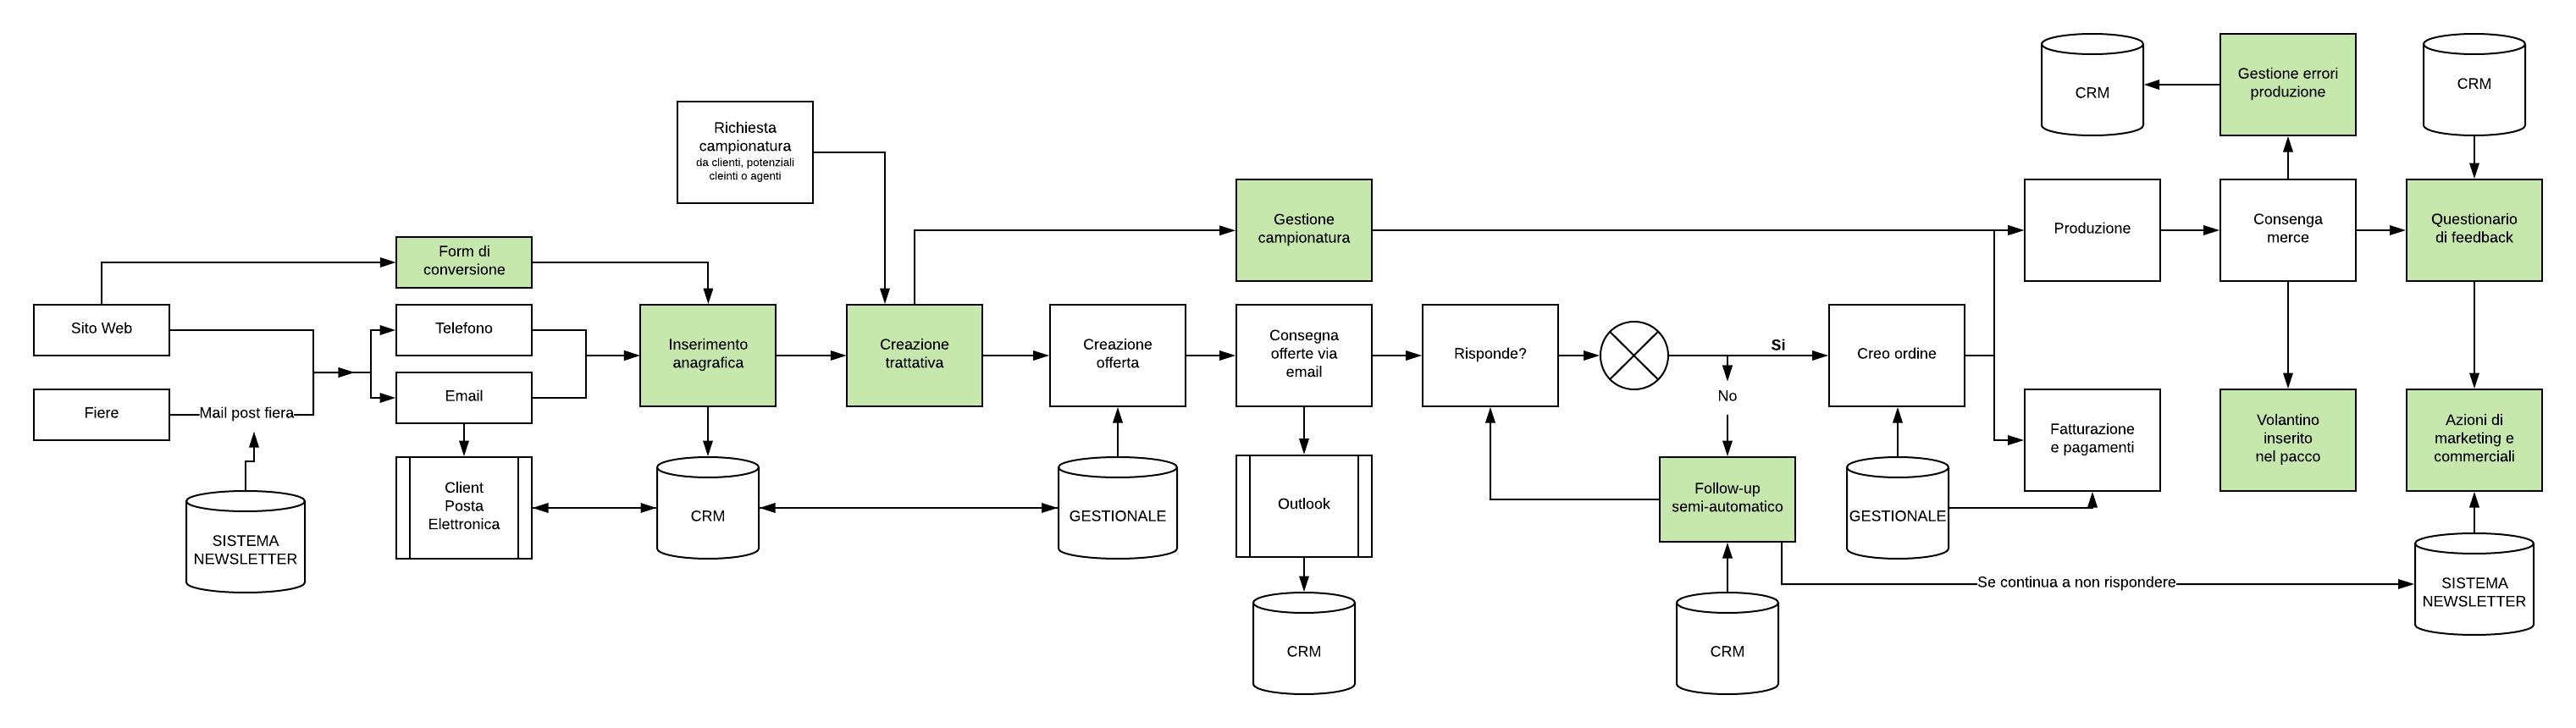 grafico-processi-ottimizzati-crmfacile-cloudnova